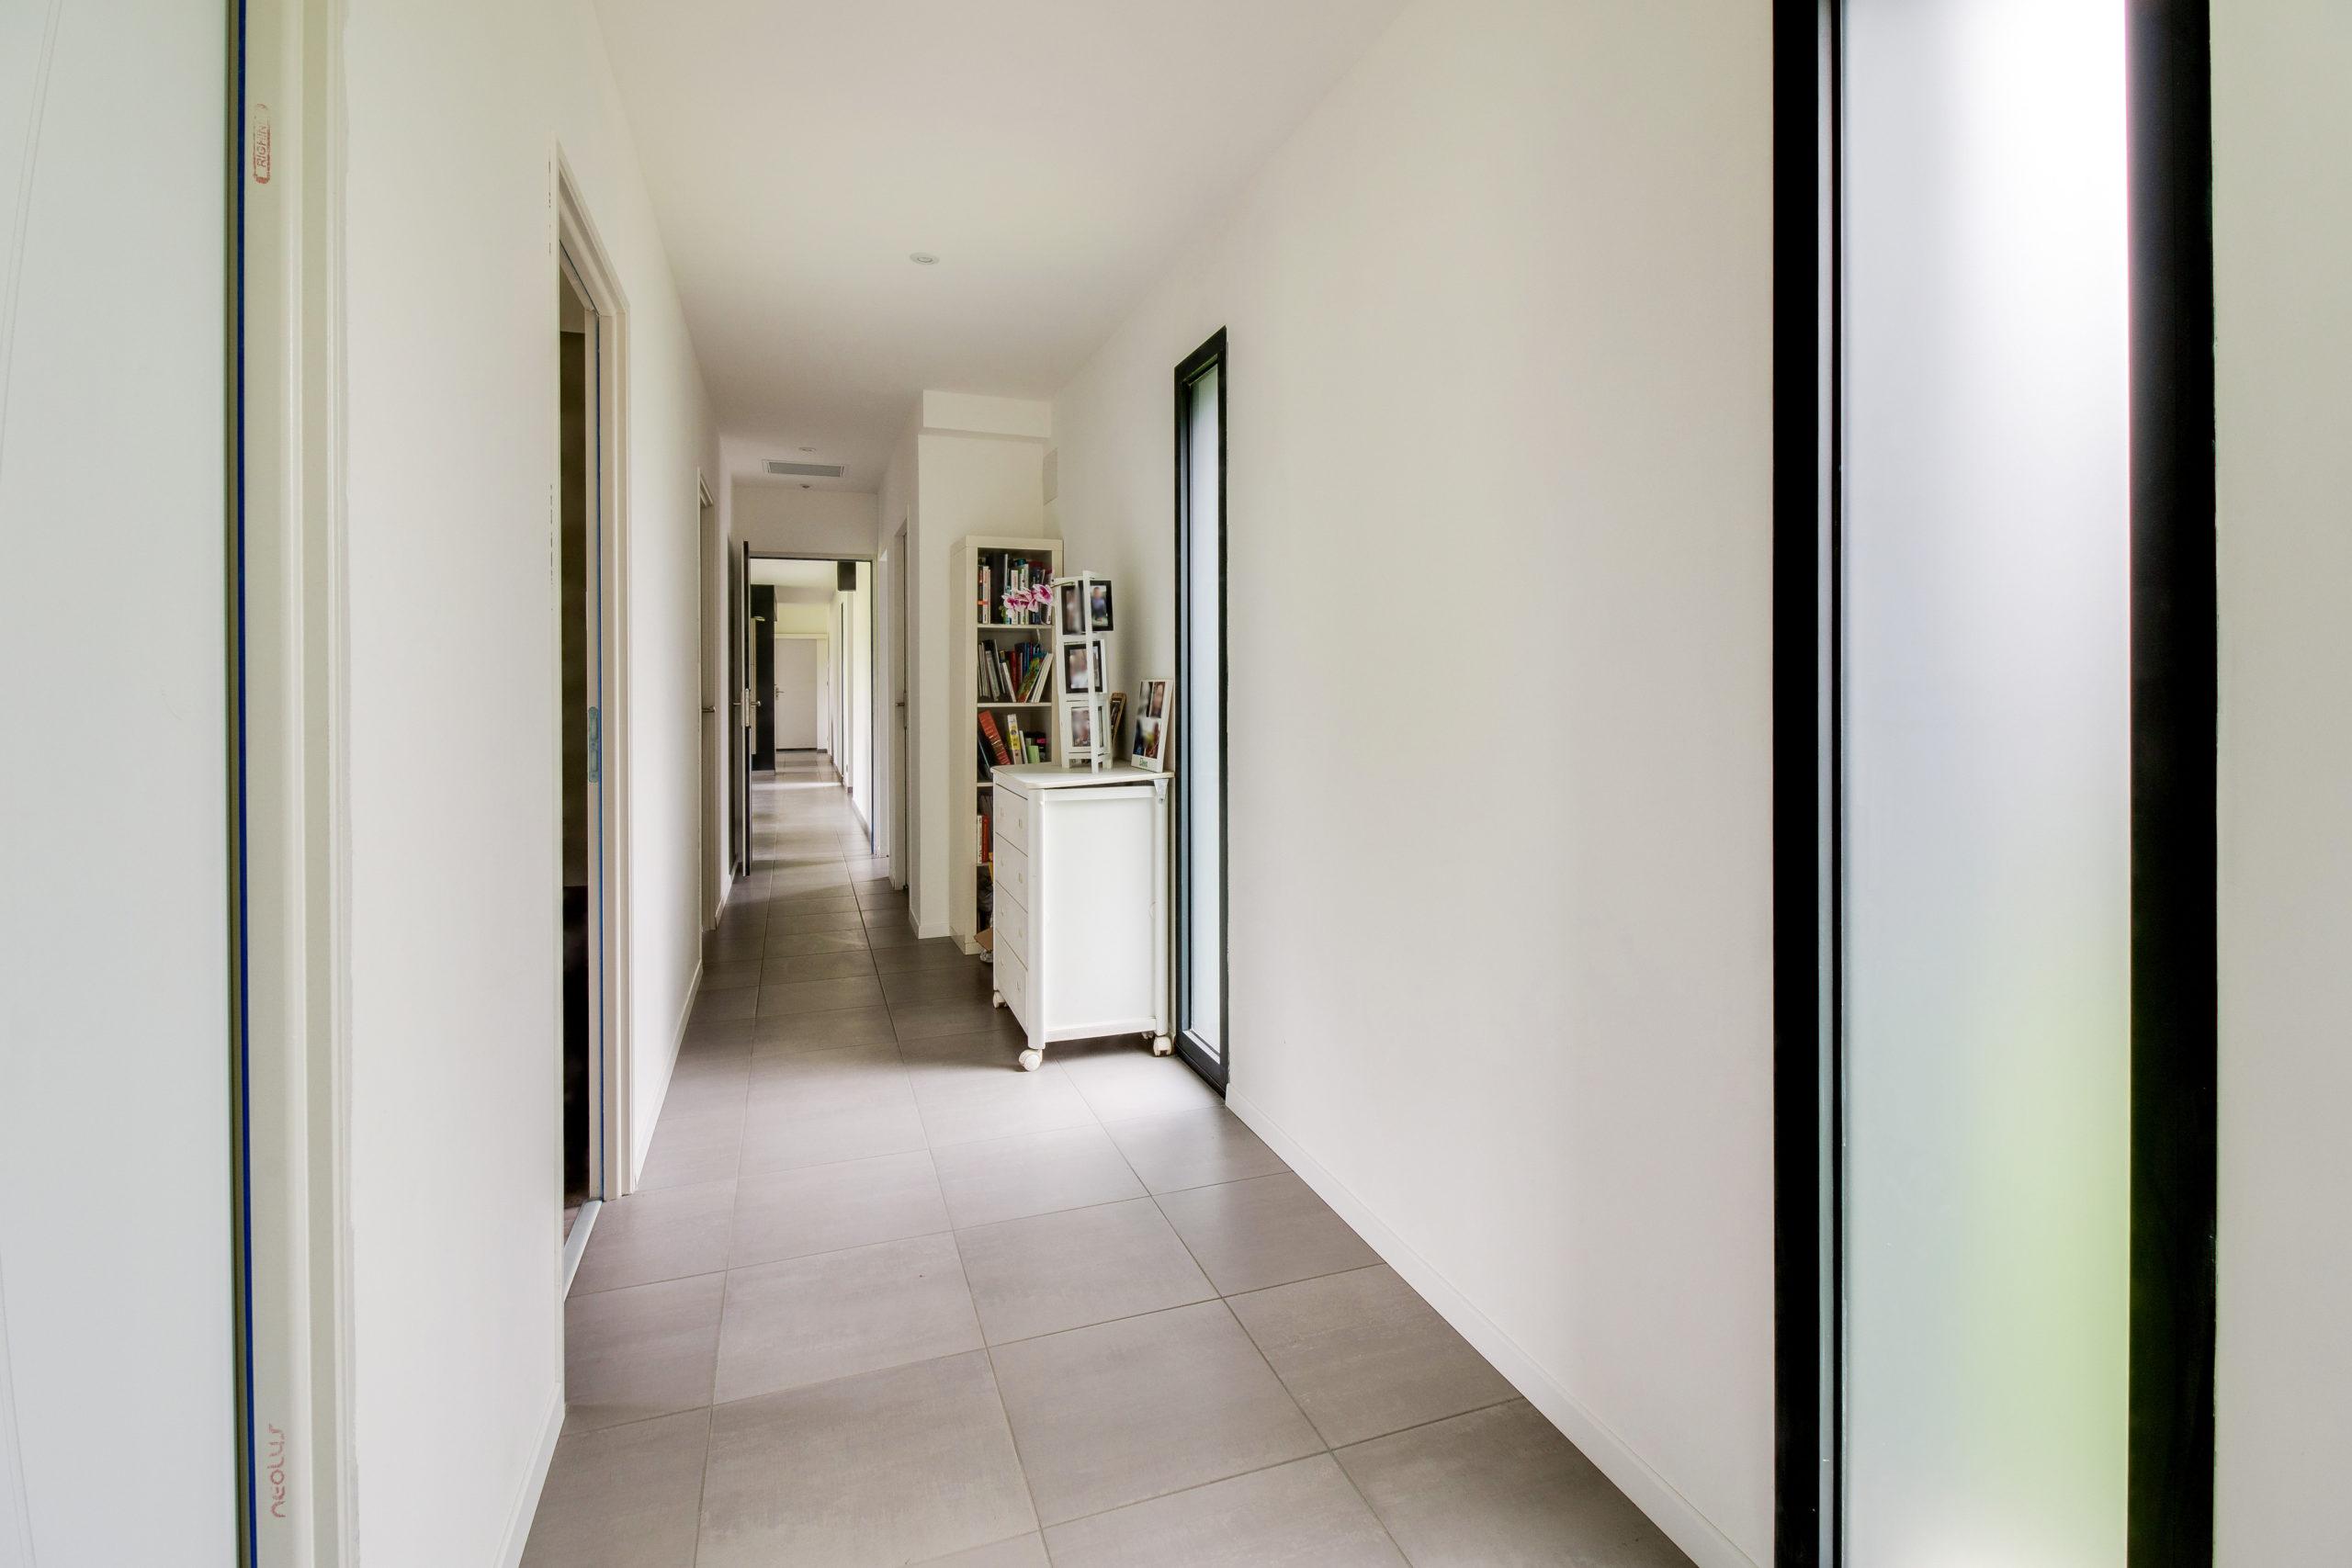 Atelier-Plurielles-architectures-construction-maison-Bearn-couloir